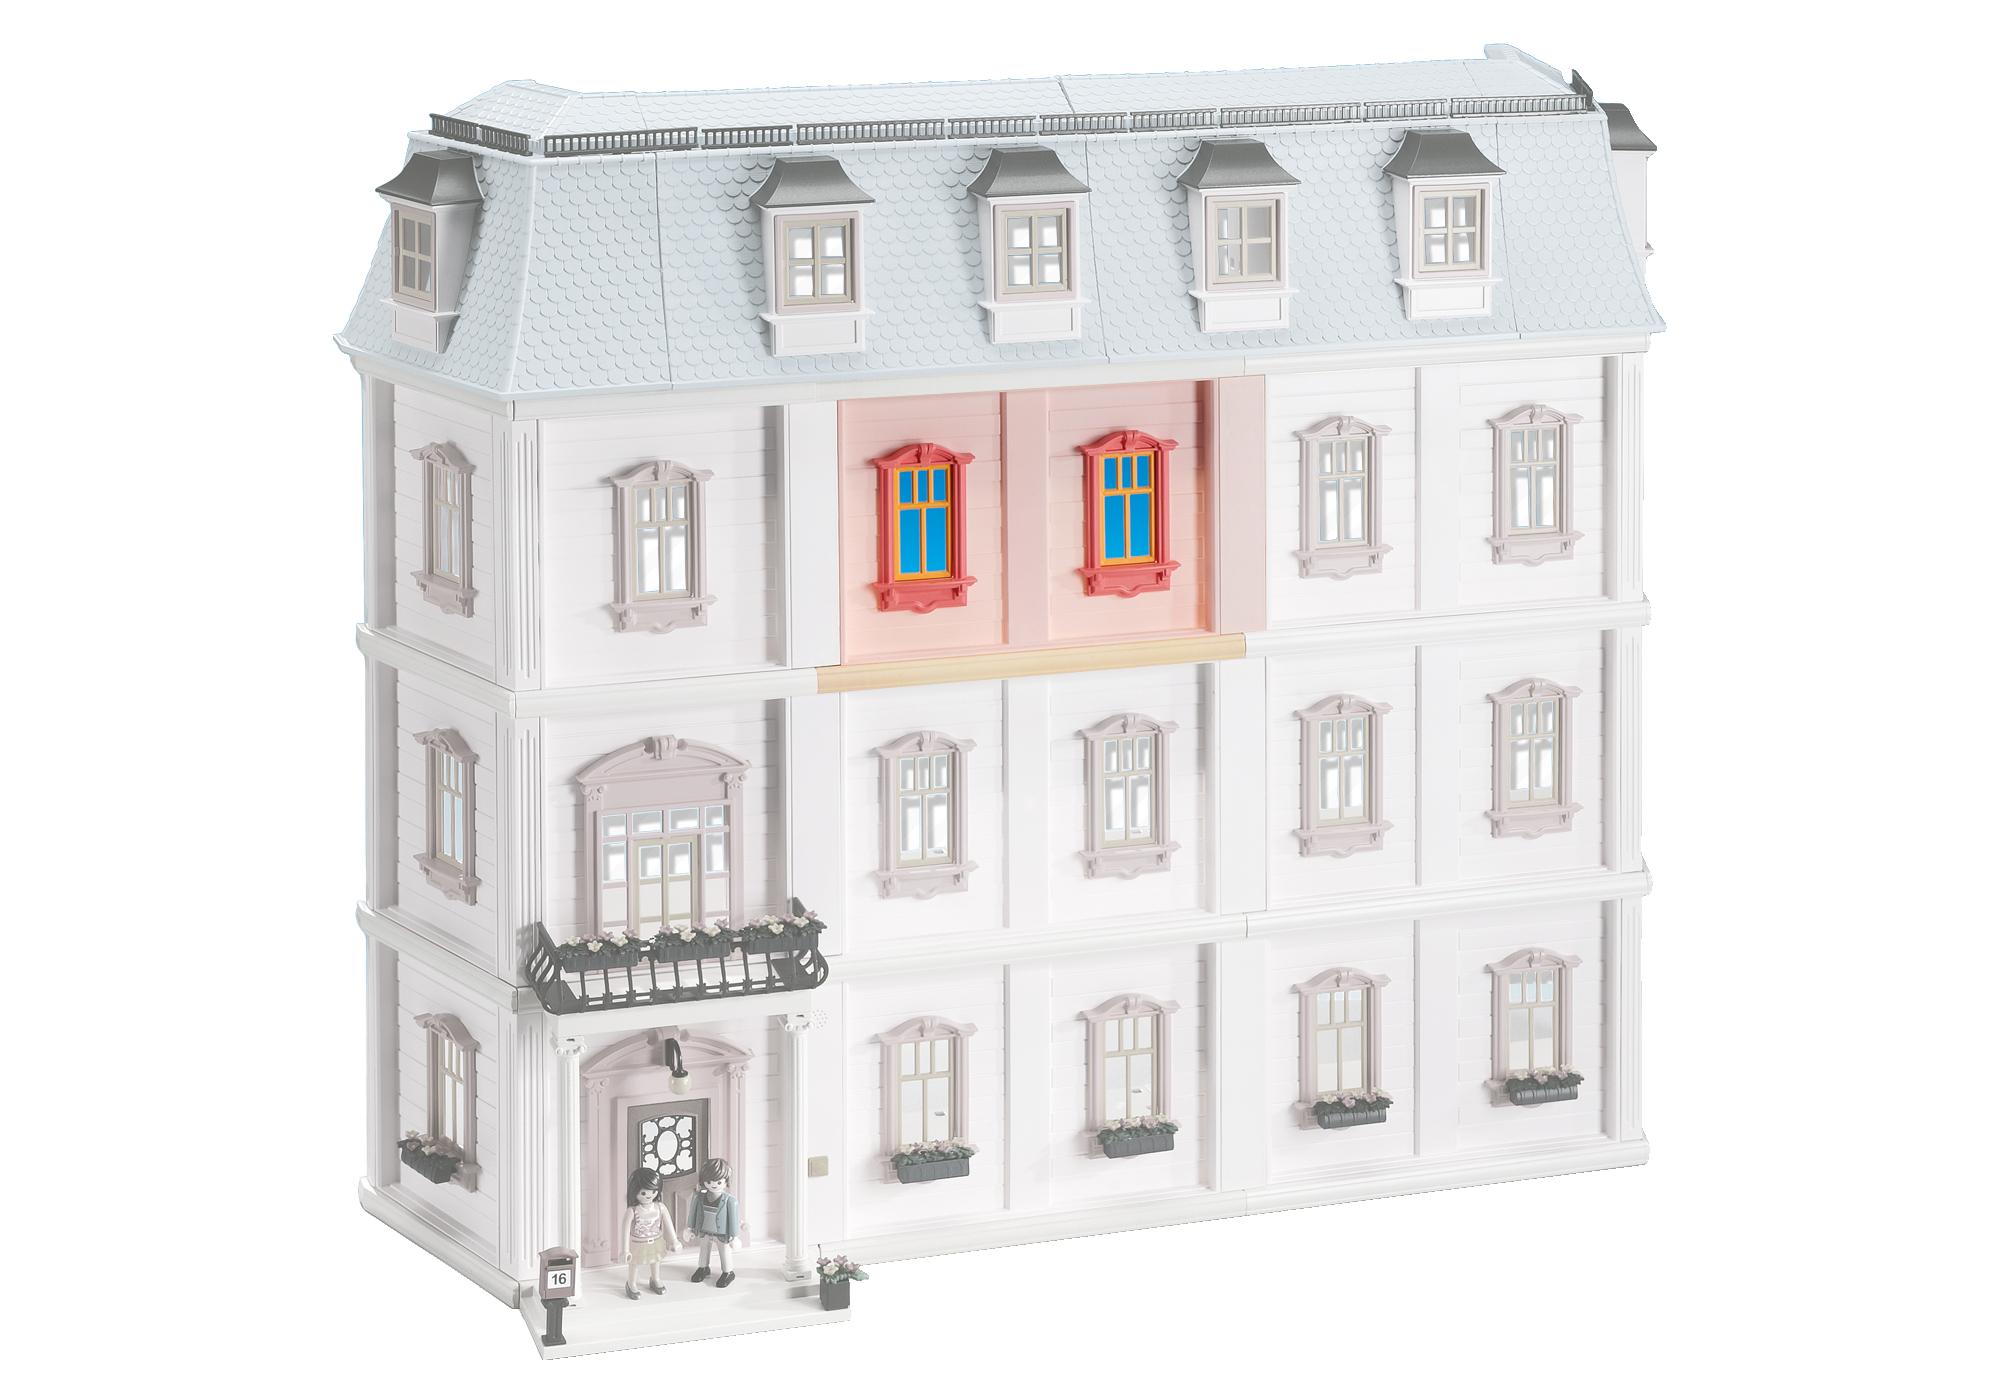 http://media.playmobil.com/i/playmobil/6454_product_detail/Extensão C para Casa de Bonecas Romântica (ref. 5303)